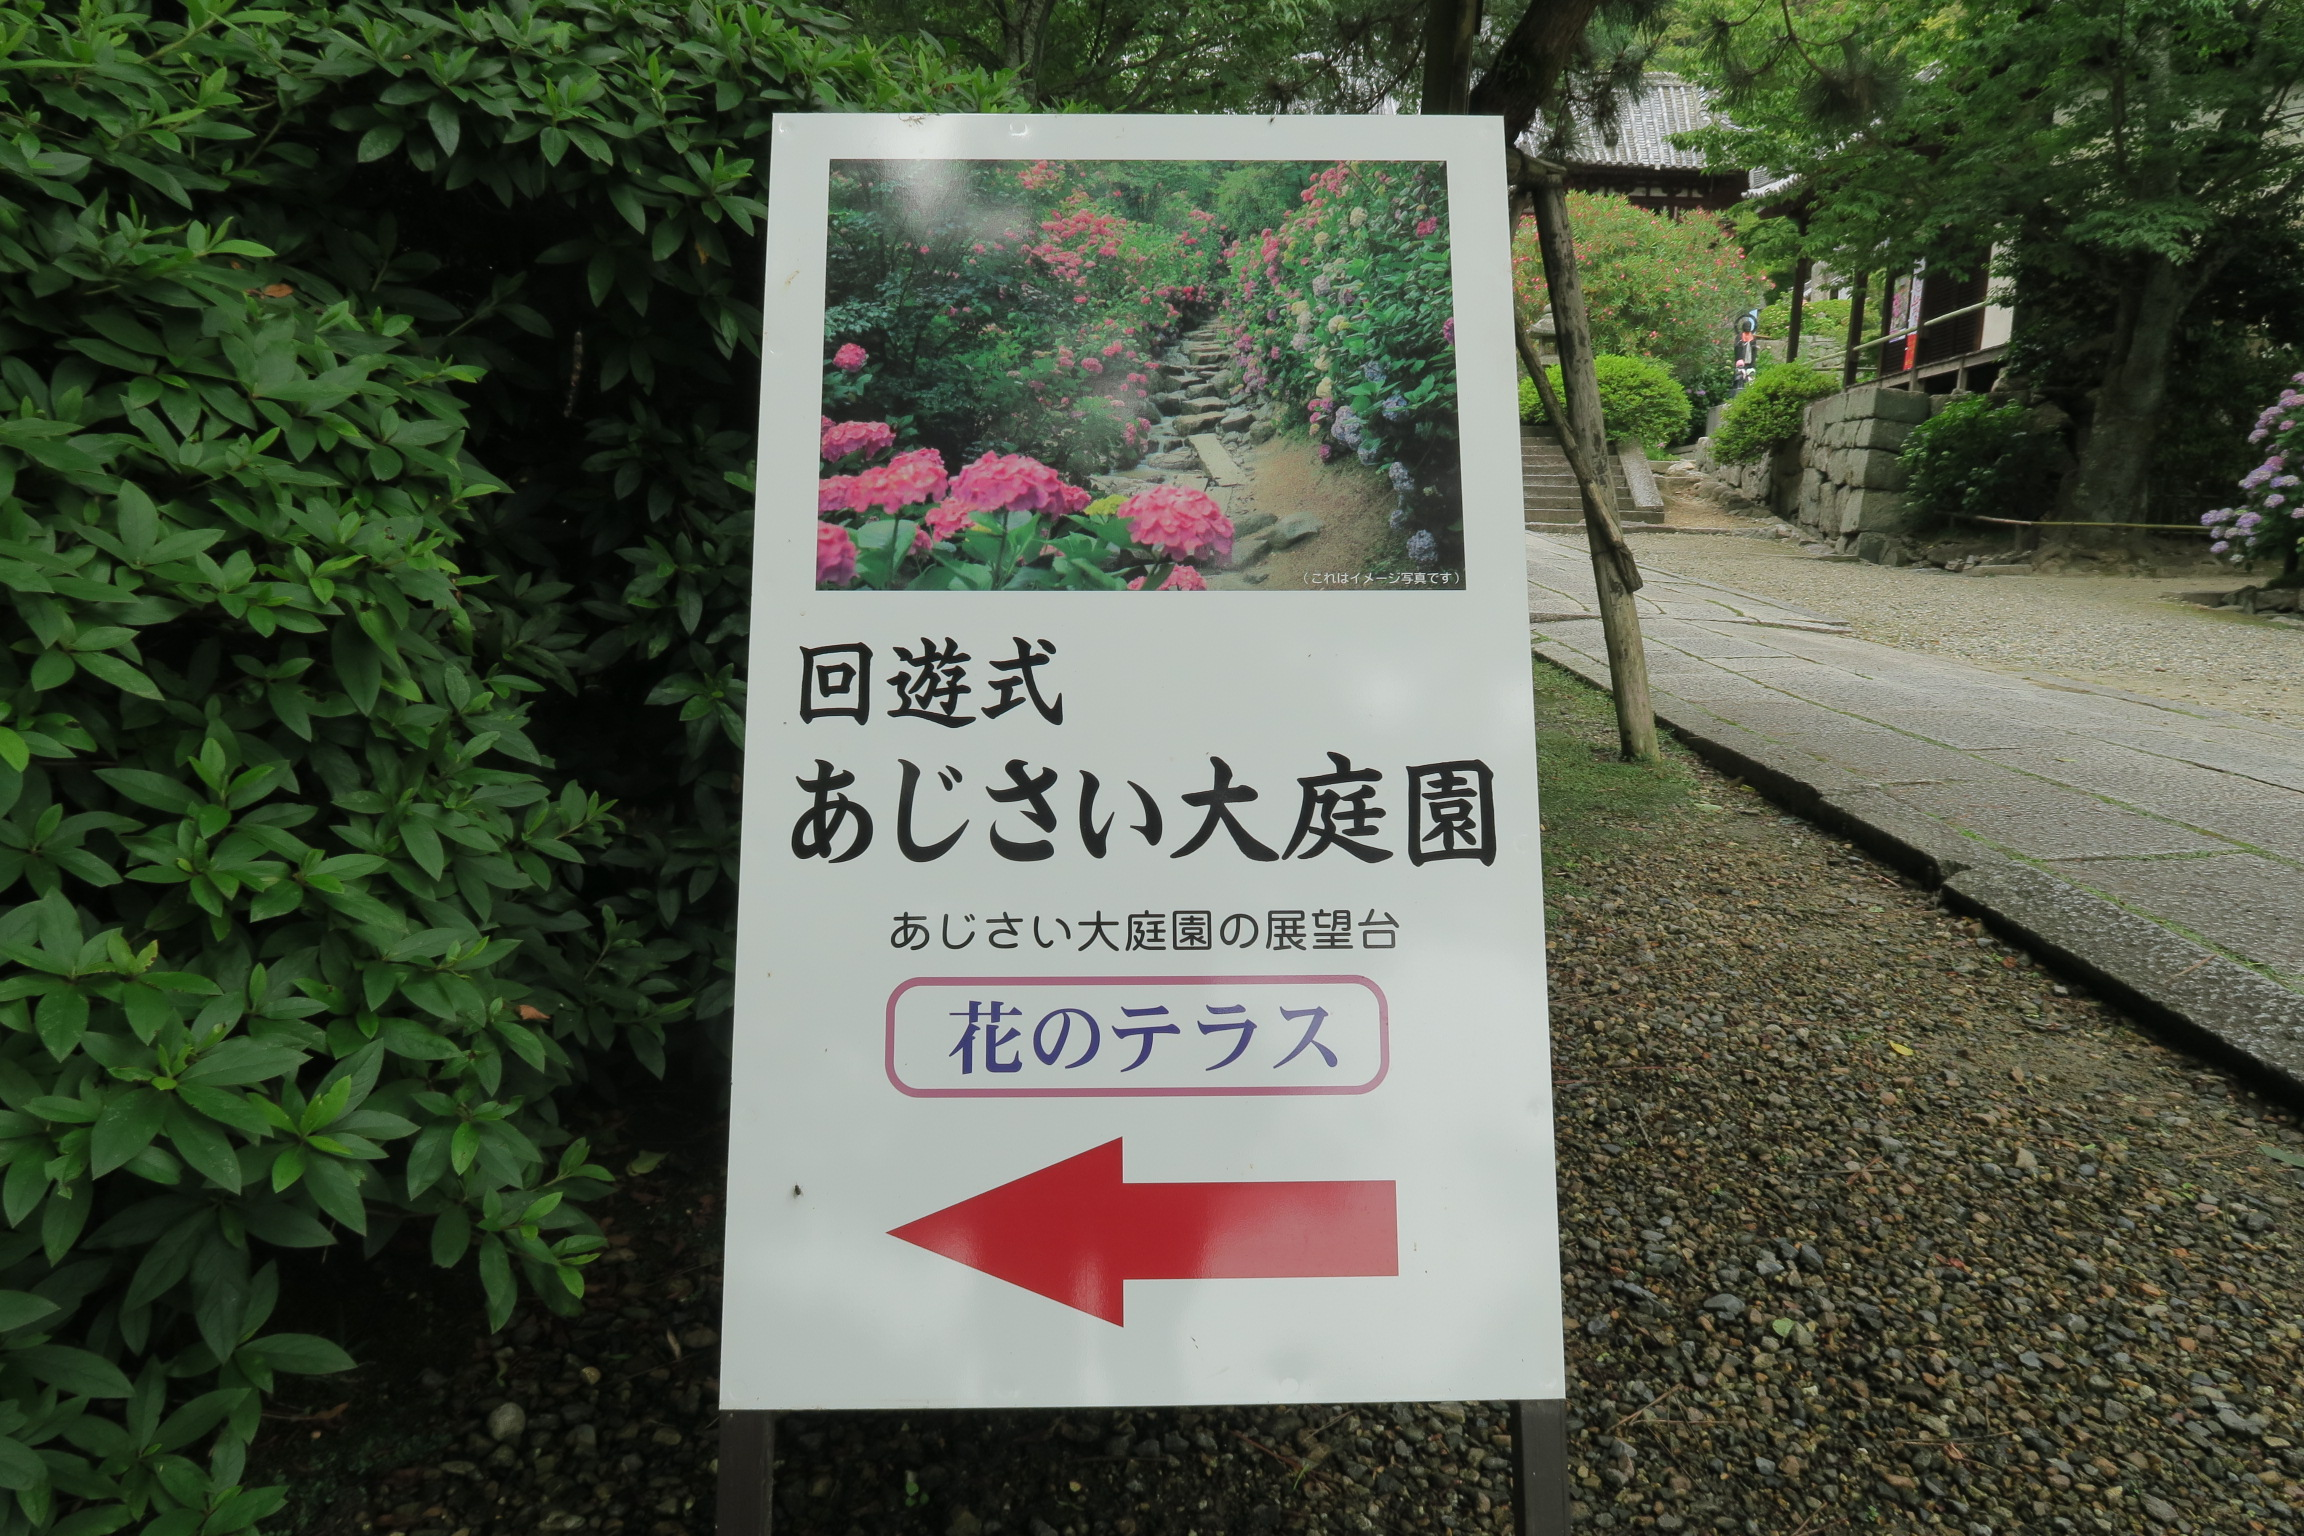 あじさい大庭園。境内には約10,000株、約60種のアジサイが植えられています。